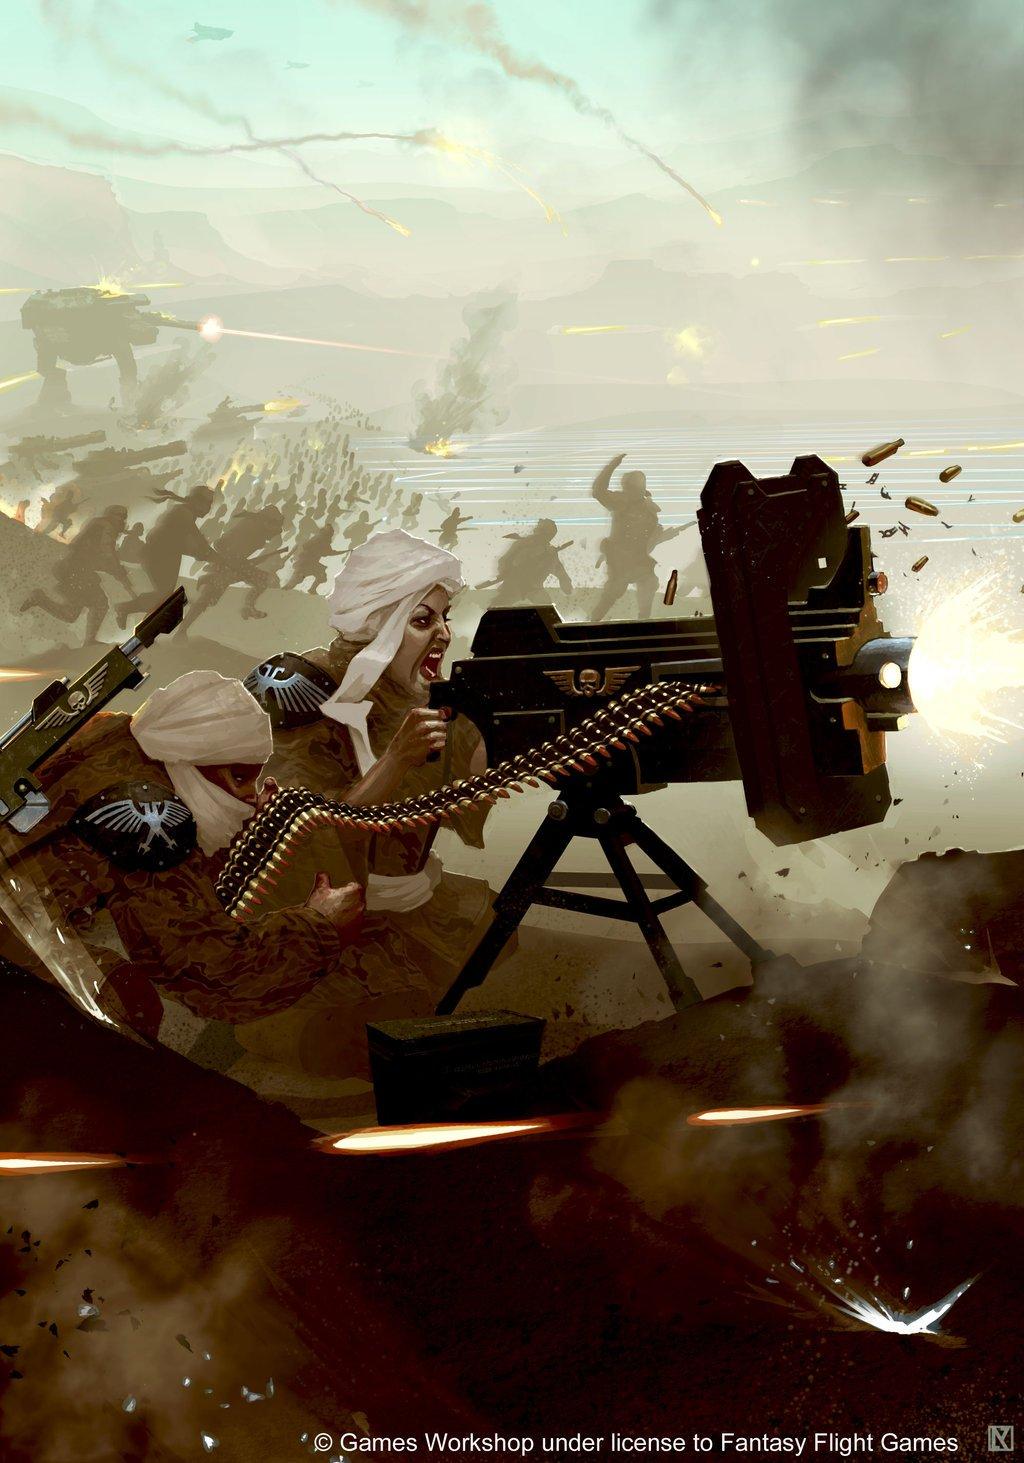 Новая инфа по Warhammer 40,000: Eternal Crusade #wh40k  -На каких языках планируется локализации игры. В частности, ... - Изображение 1